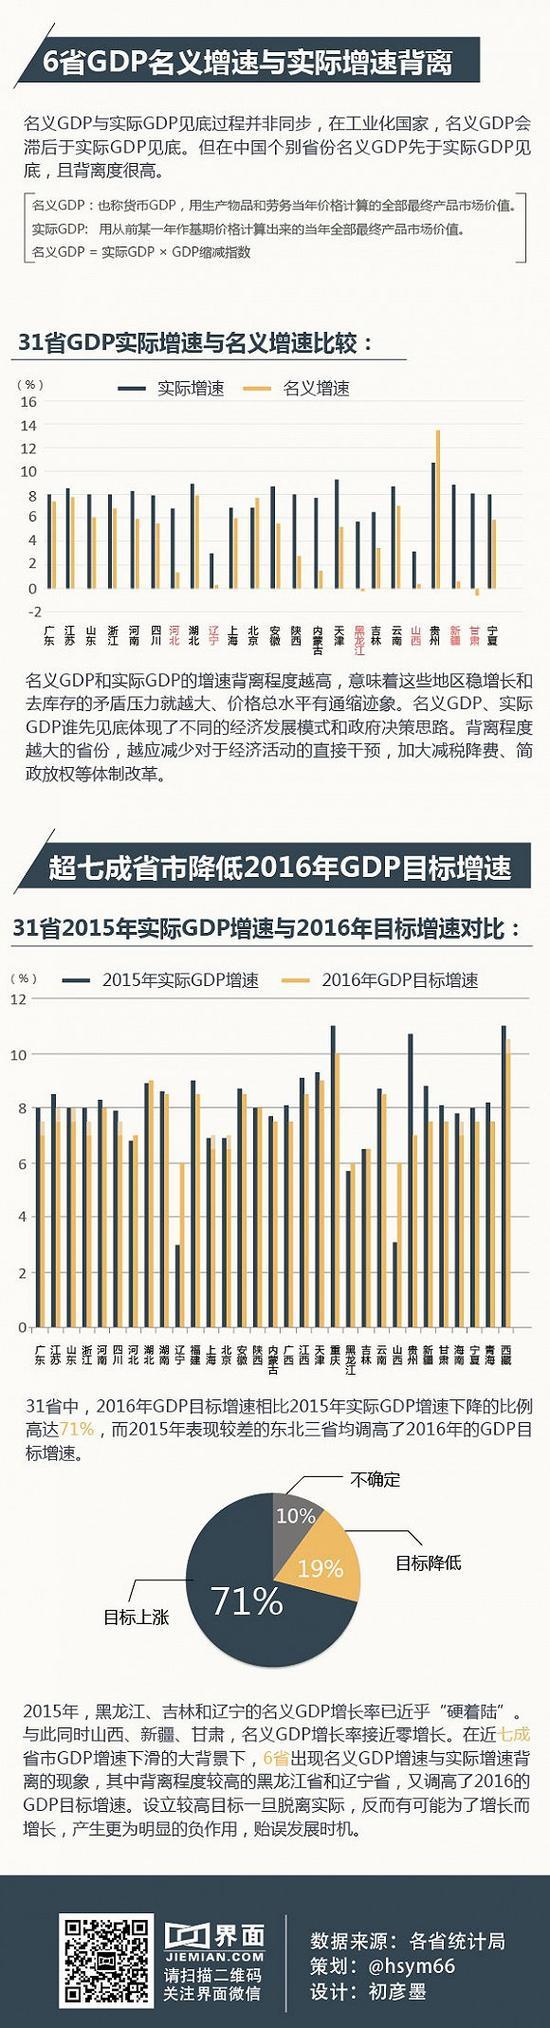 数据来源:各省统计局